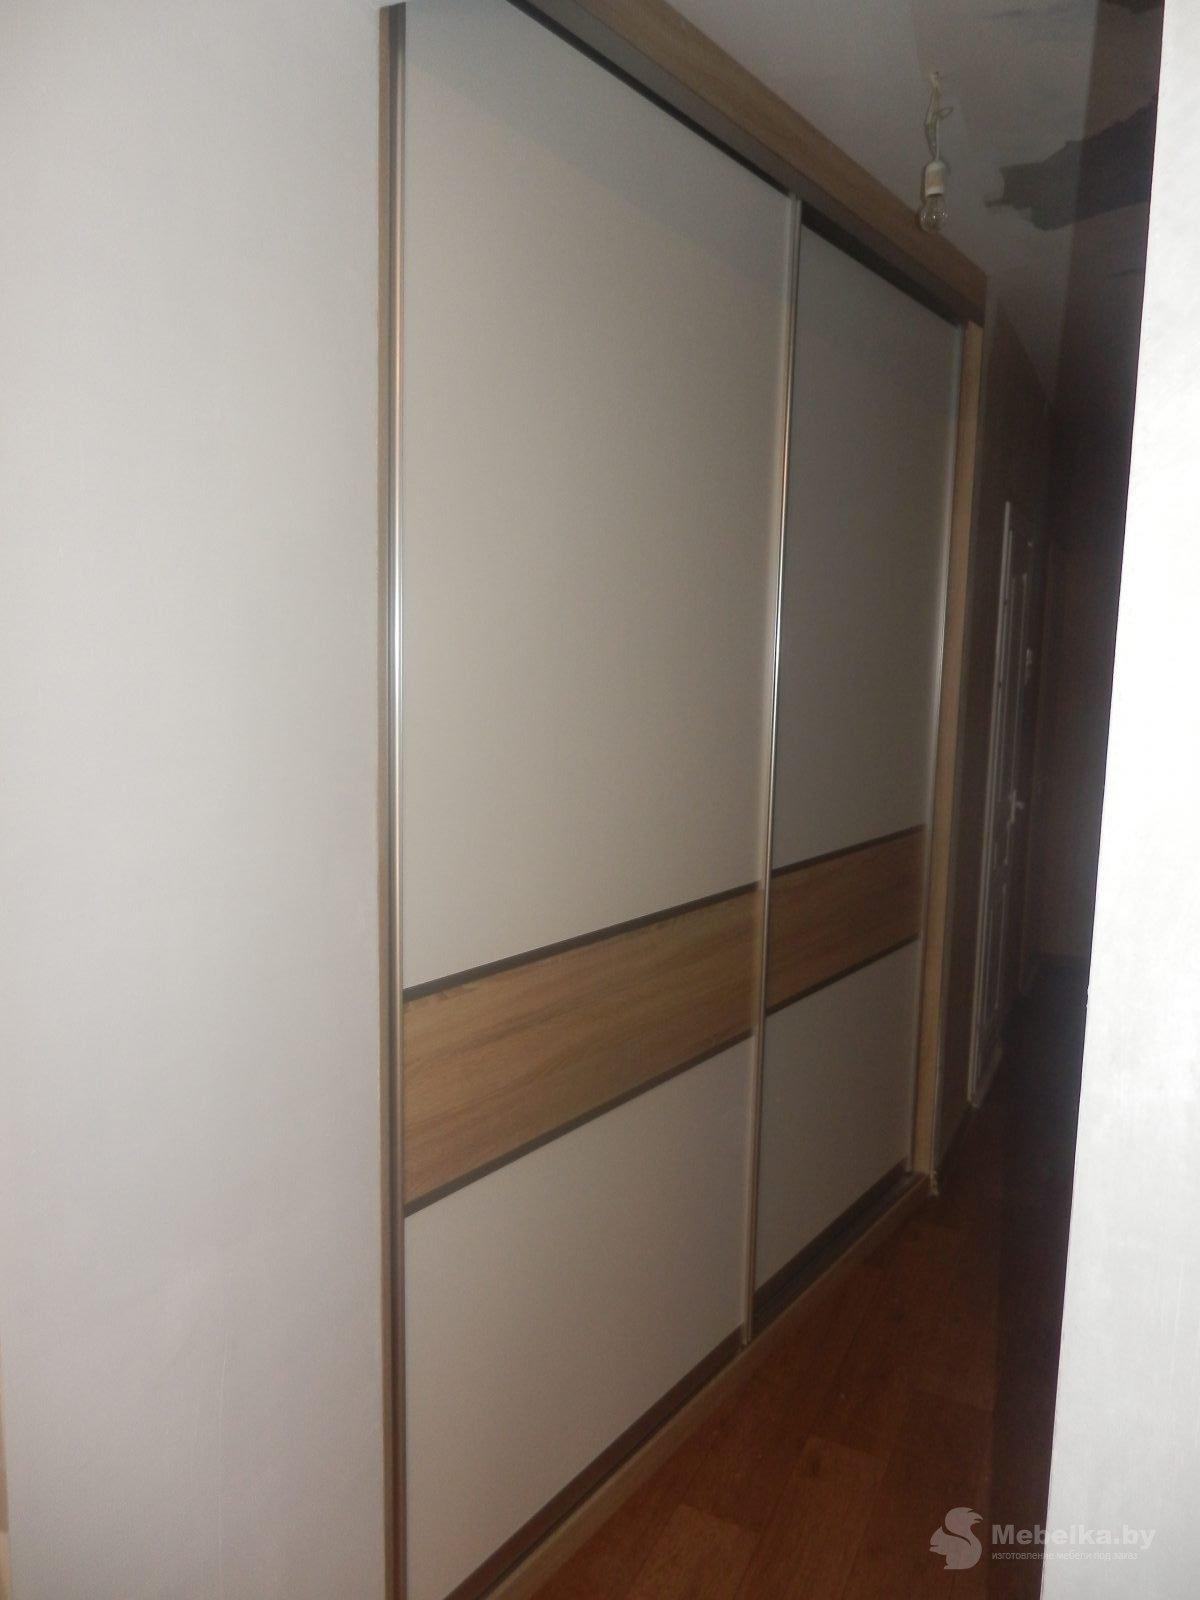 Двери-купе гардеробной белый и дуб, вторй вид